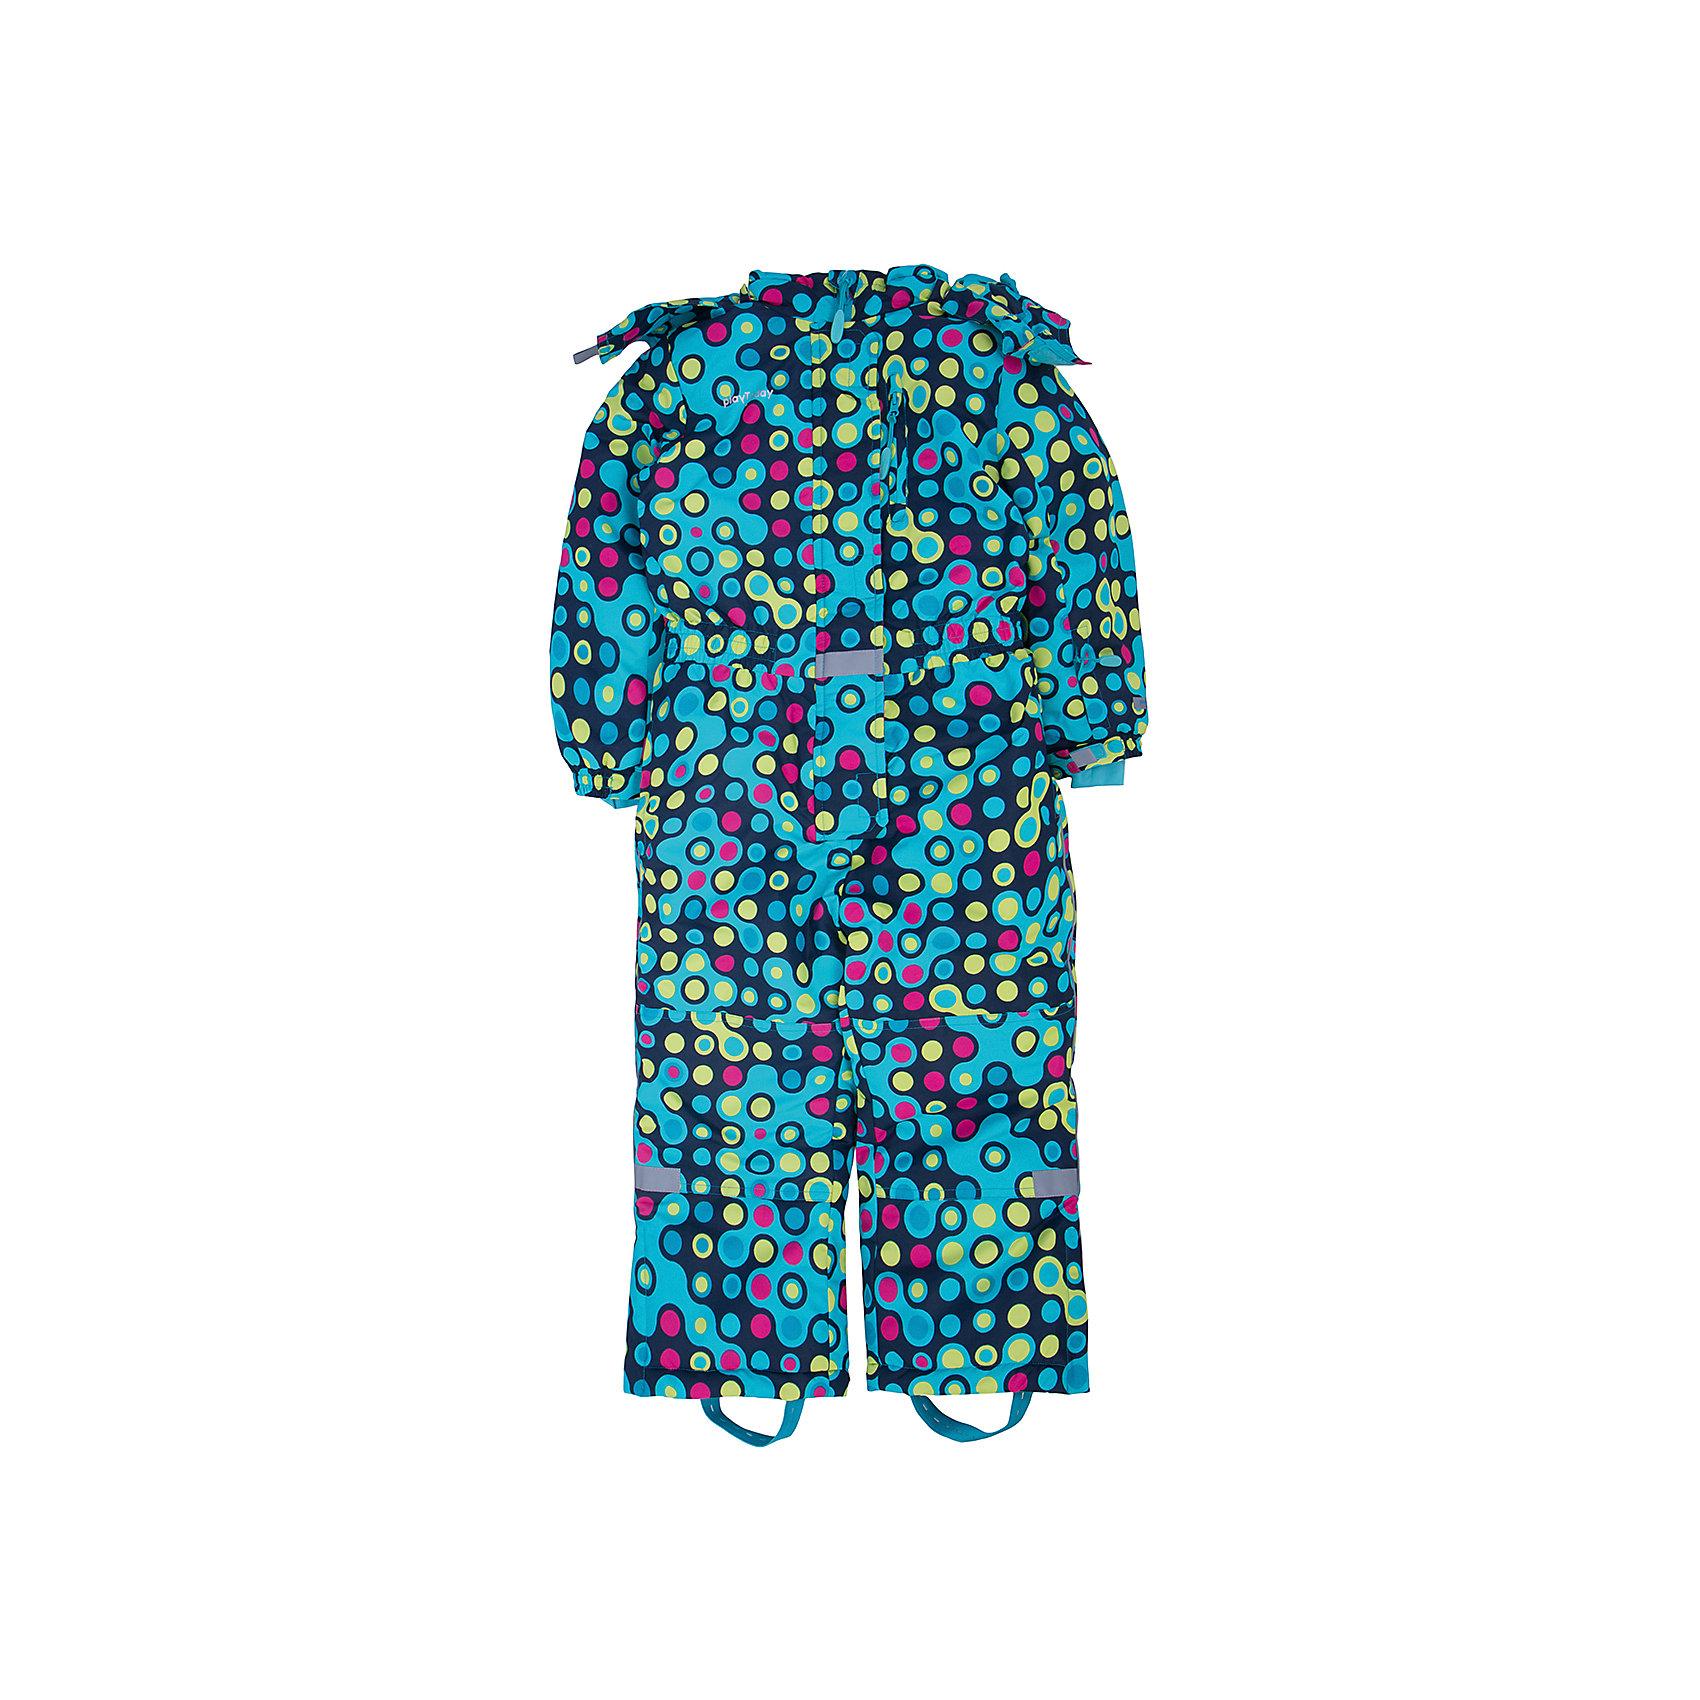 Комбинезон для девочки PlayTodayВерхняя одежда<br>Комбинезон для девочки от известного бренда PlayToday.<br>Уютный теплый комбинезон с капюшоном. Украшен принтом с эффектом неоновых огней. Внутри уютная флисовая подкладка. Застегивается на молнию с защитой подбородка, есть ветрозащитная планка, как на спортивной одежде. Капюшон удобно отстегивается, воротник на липучке. Рукава и пояс на резинке, есть три функциональных кармашка на молнии. Низ штанишек застегивается на молнию, чтобы удобно обуваться. Специальная резинка на пуговицах позволяет закреплять комбинезон под обувью. Есть дополнительный слой - снегозащита, который надевается на сапоги.<br>Состав:<br>Верх: 100% полиэстер, Подкладка: 100% полиэстер, Наполнитель: 100% полиэстер, 200 г/м2<br><br>Ширина мм: 215<br>Глубина мм: 88<br>Высота мм: 191<br>Вес г: 336<br>Цвет: разноцветный<br>Возраст от месяцев: 36<br>Возраст до месяцев: 48<br>Пол: Женский<br>Возраст: Детский<br>Размер: 104,128,98,134,140,110,116,122<br>SKU: 4897741